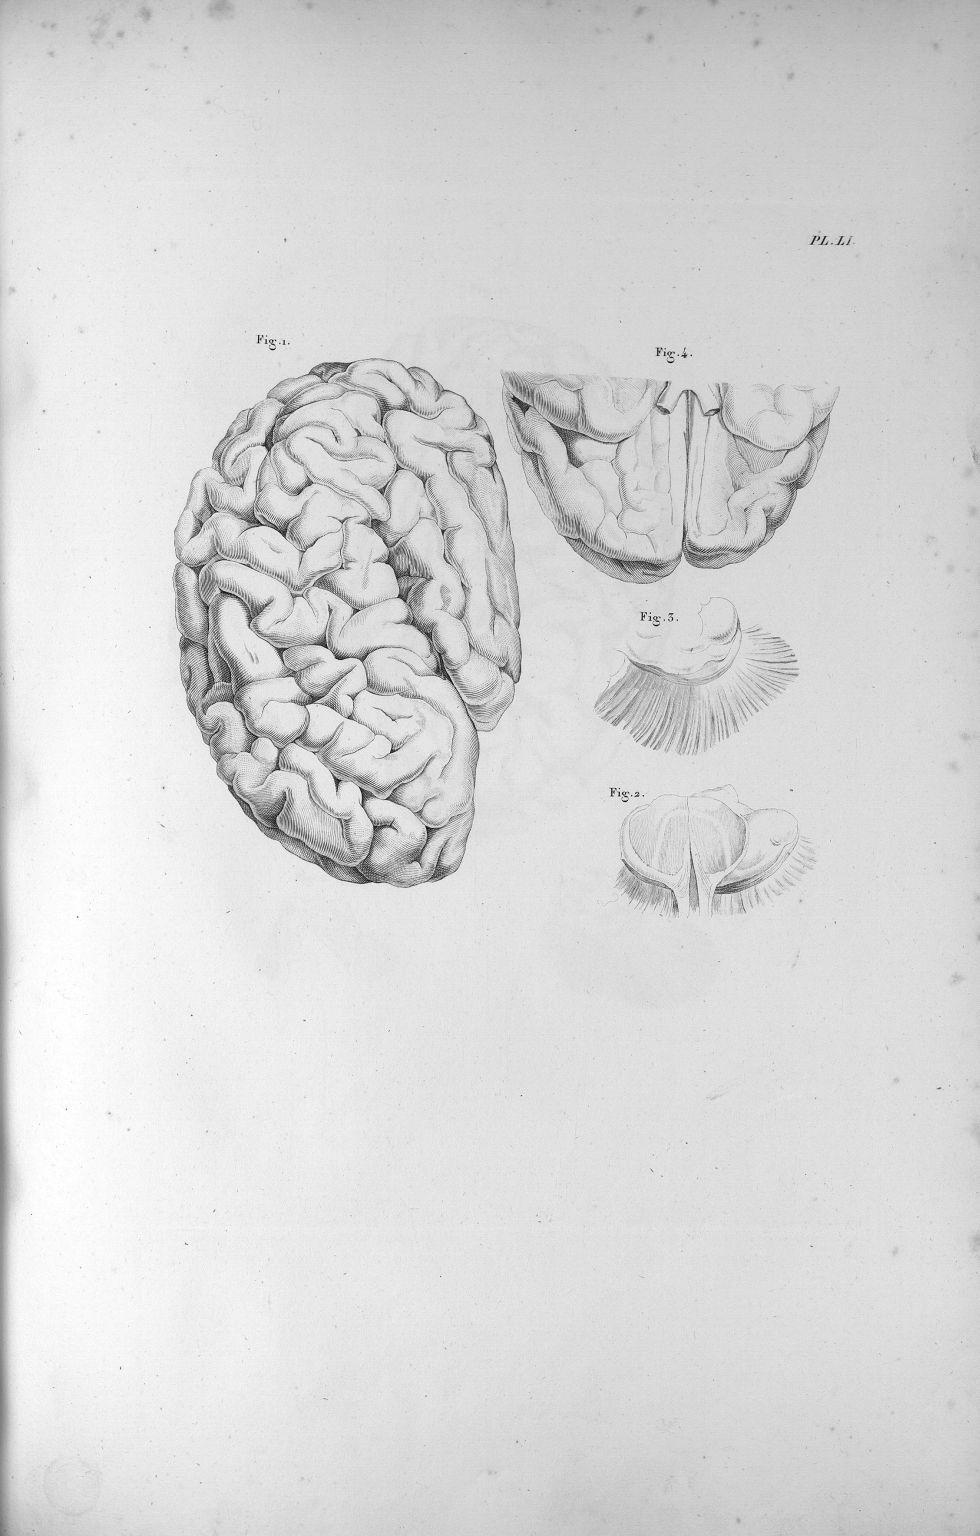 Pl. LI. Cerveau d'une jeune femme aliénée, dont la couche optique de l'hémisphère gauche a été en pa [...] - Anatomie. Neurologie. Cerveaux. Phrénologie. 19e siècle (France) - med00575xatlasx0061